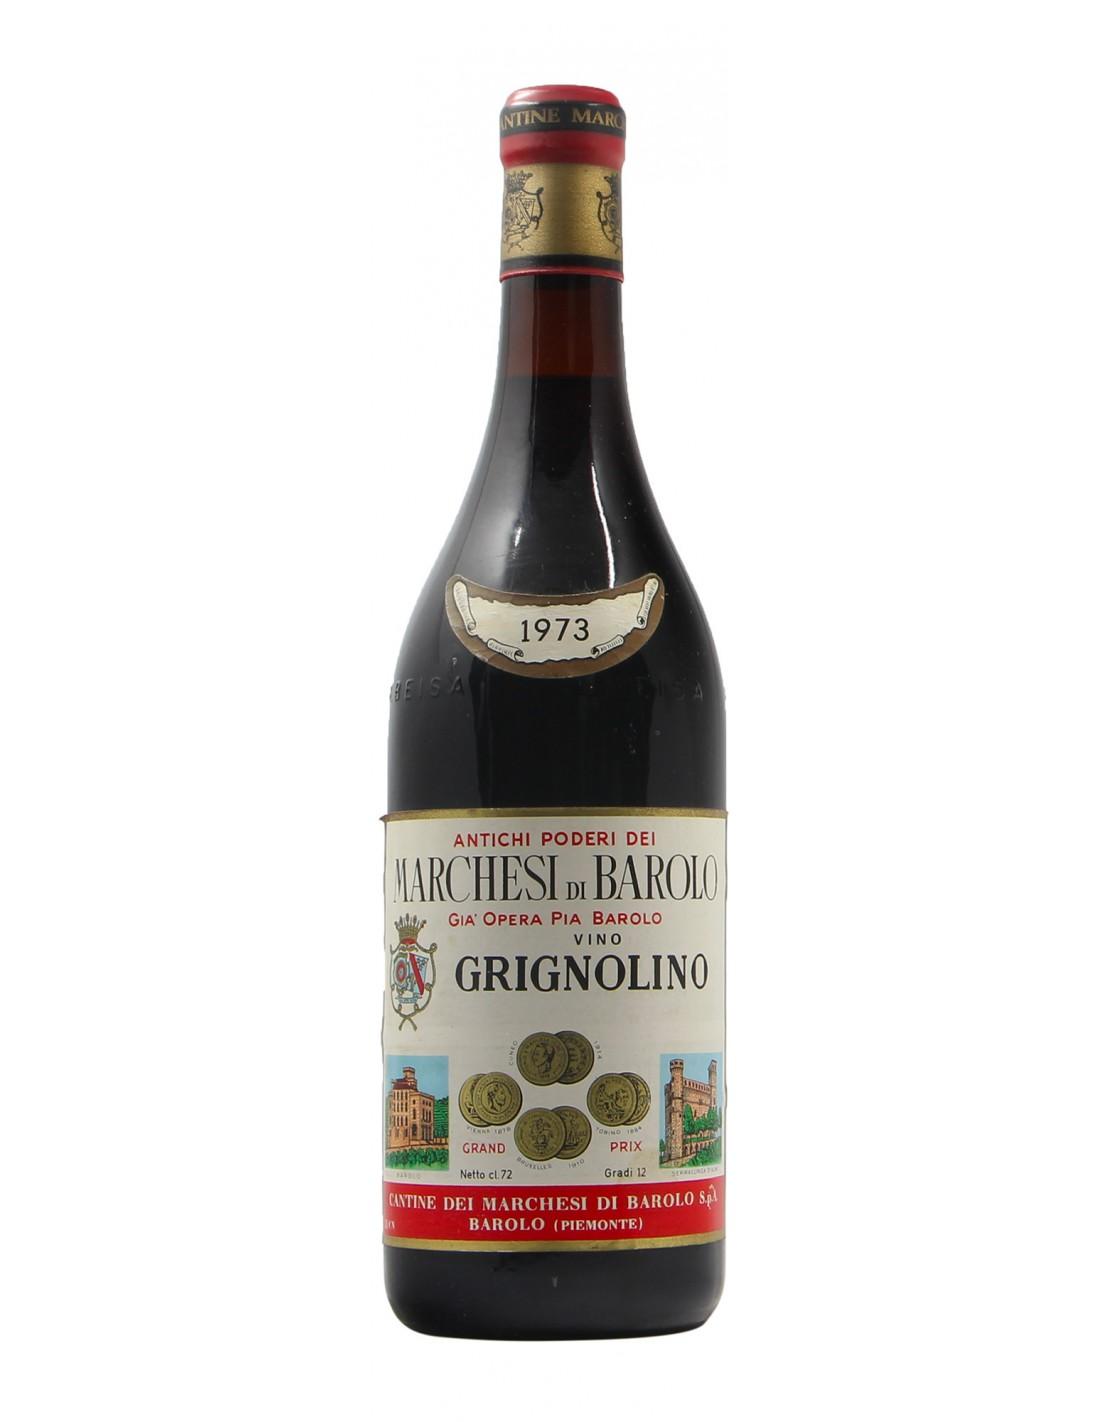 GRIGNOLINO 1973 MARCHESI DI BAROLO Grandi Bottiglie